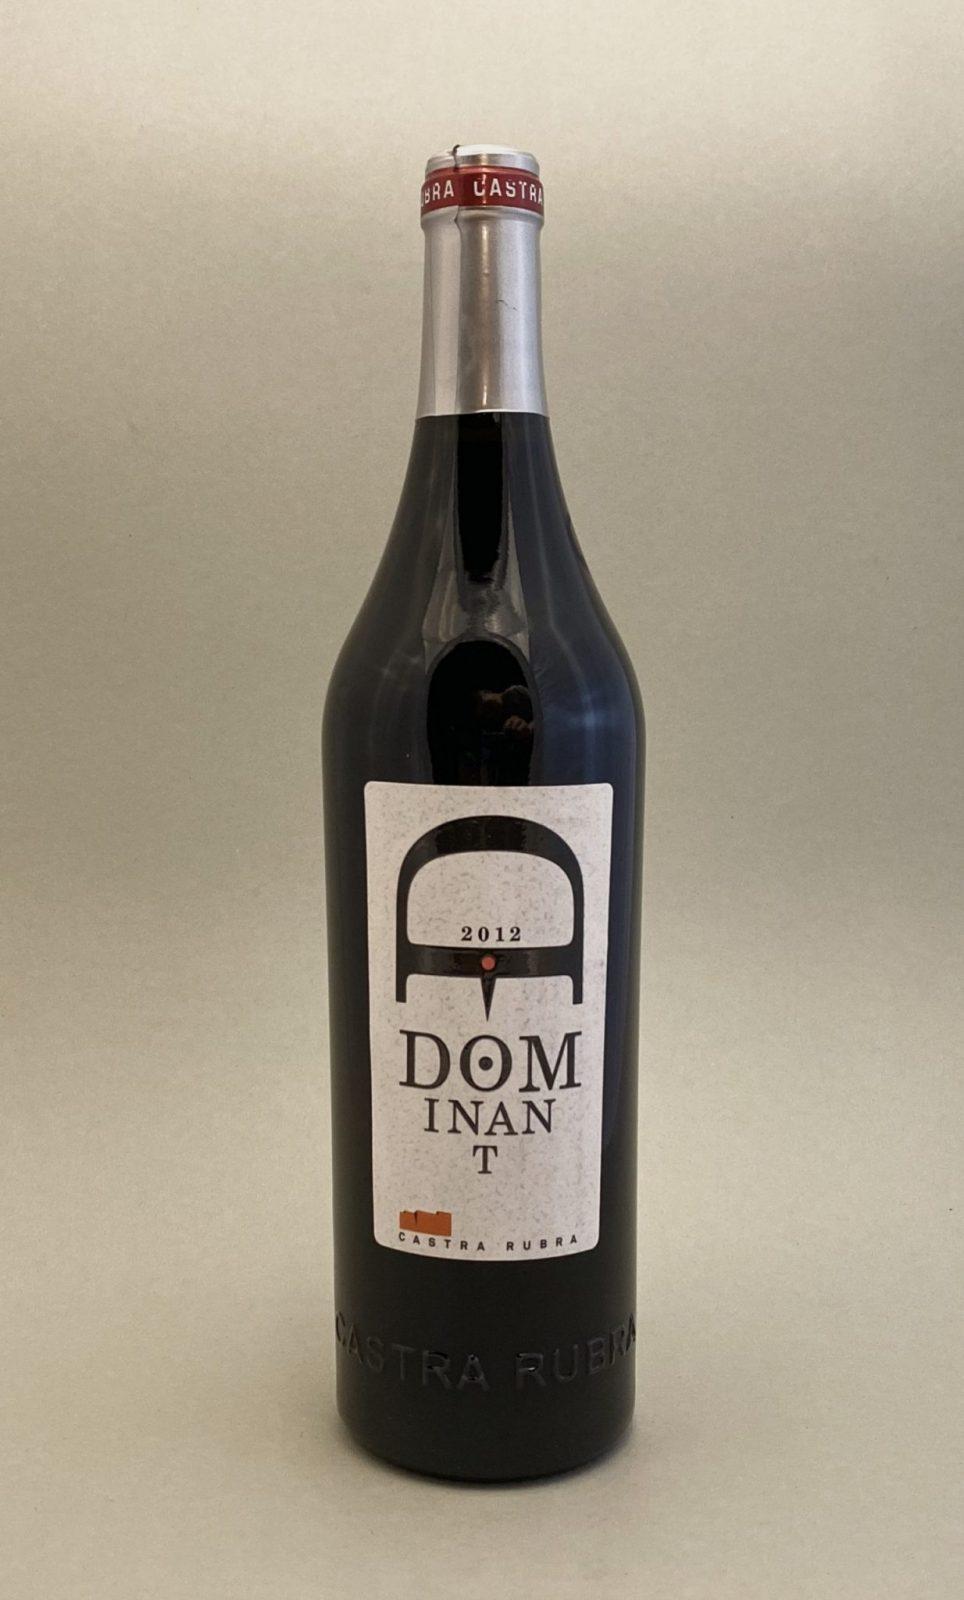 CASTRA RUBRA Dominant 2012, vinoteka Bratislava slnecnice mesto, petrzalka, vino červené z Bulharska